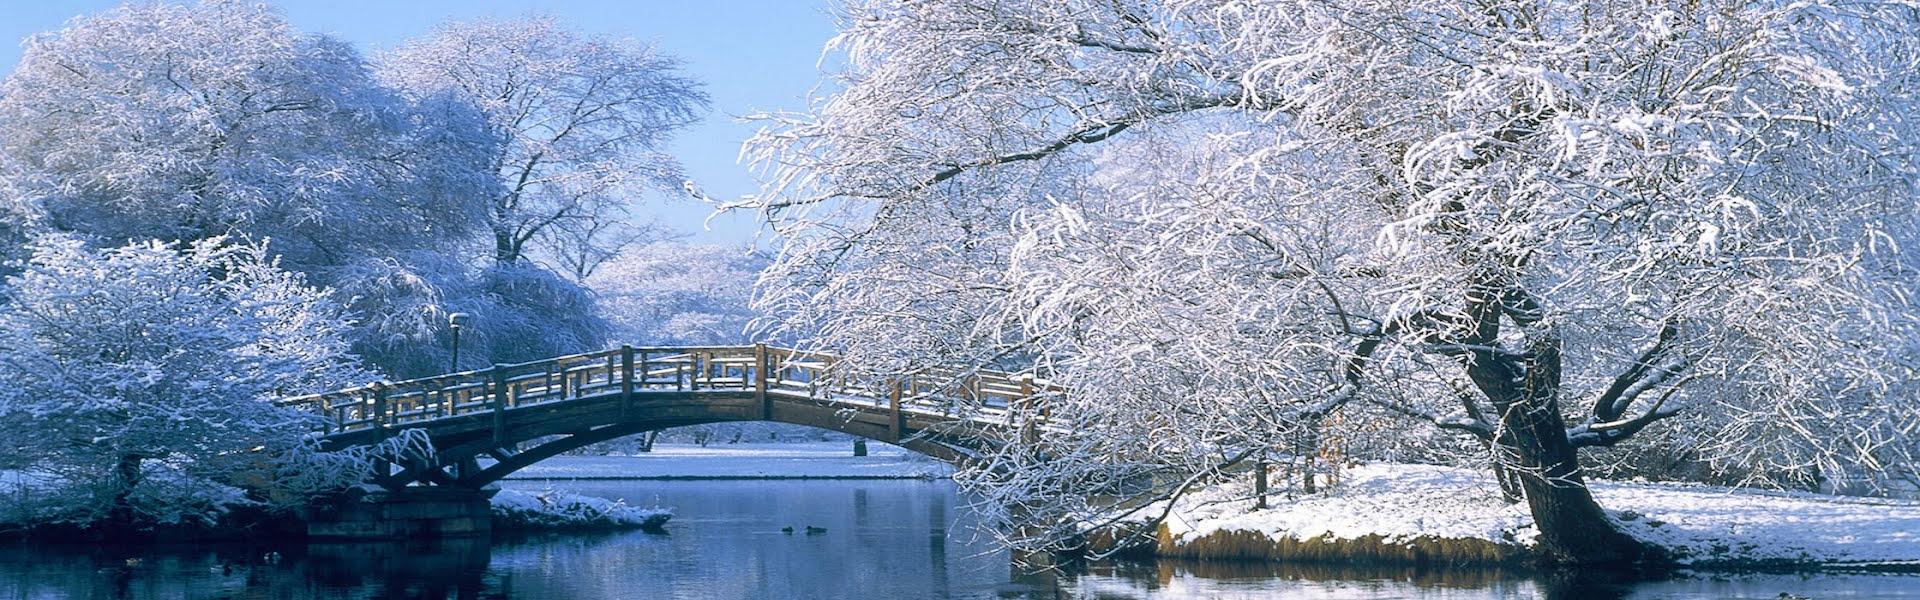 Winter-Background